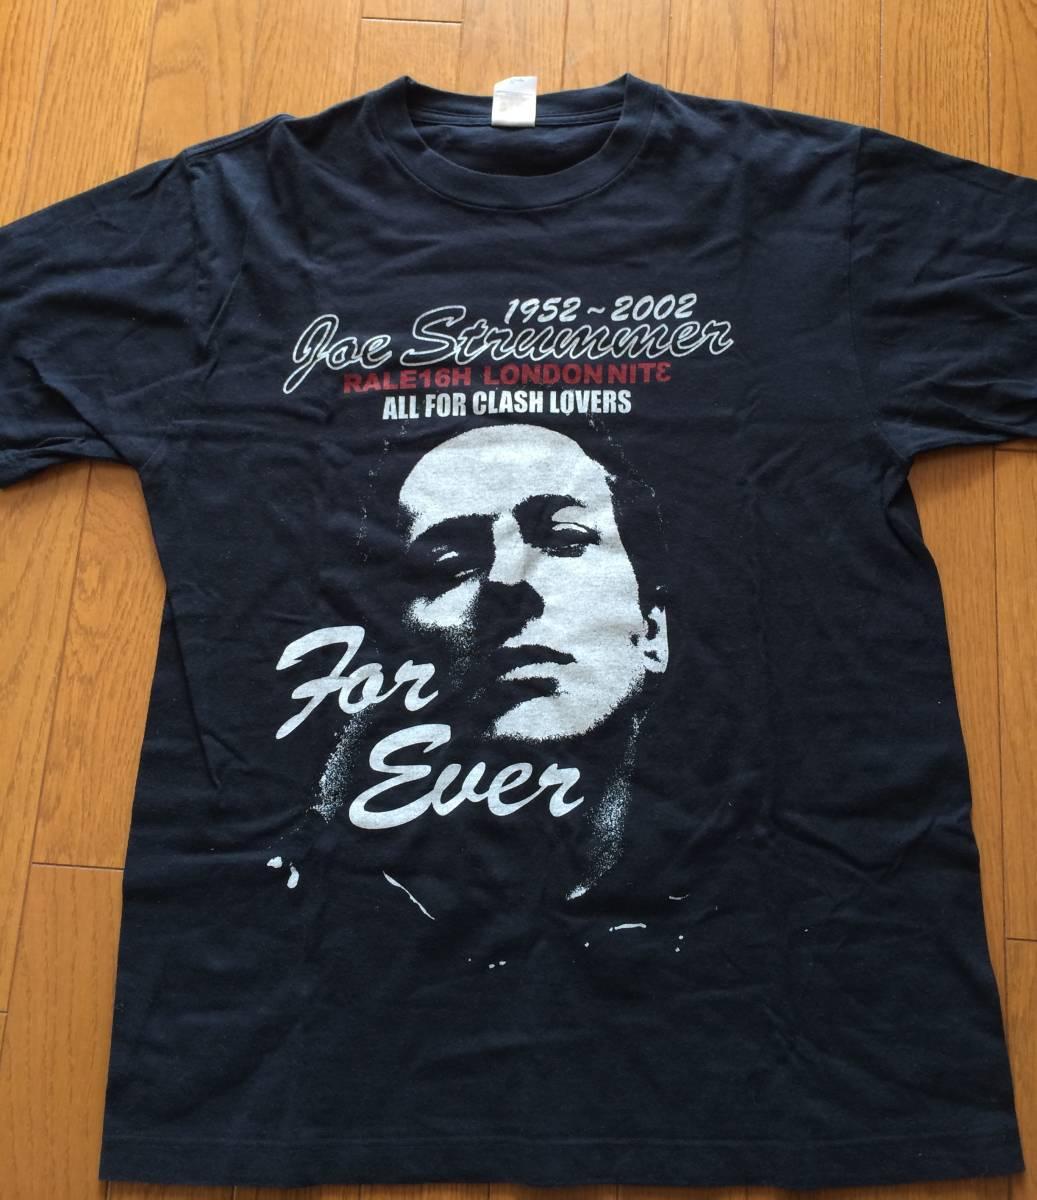 ★貴重 ジョー ストラマー追悼  Tシャツ 黒 /Raleigh・ロンドンナイト・ラリー/Clash・クラッシュ /PUNK パンク /